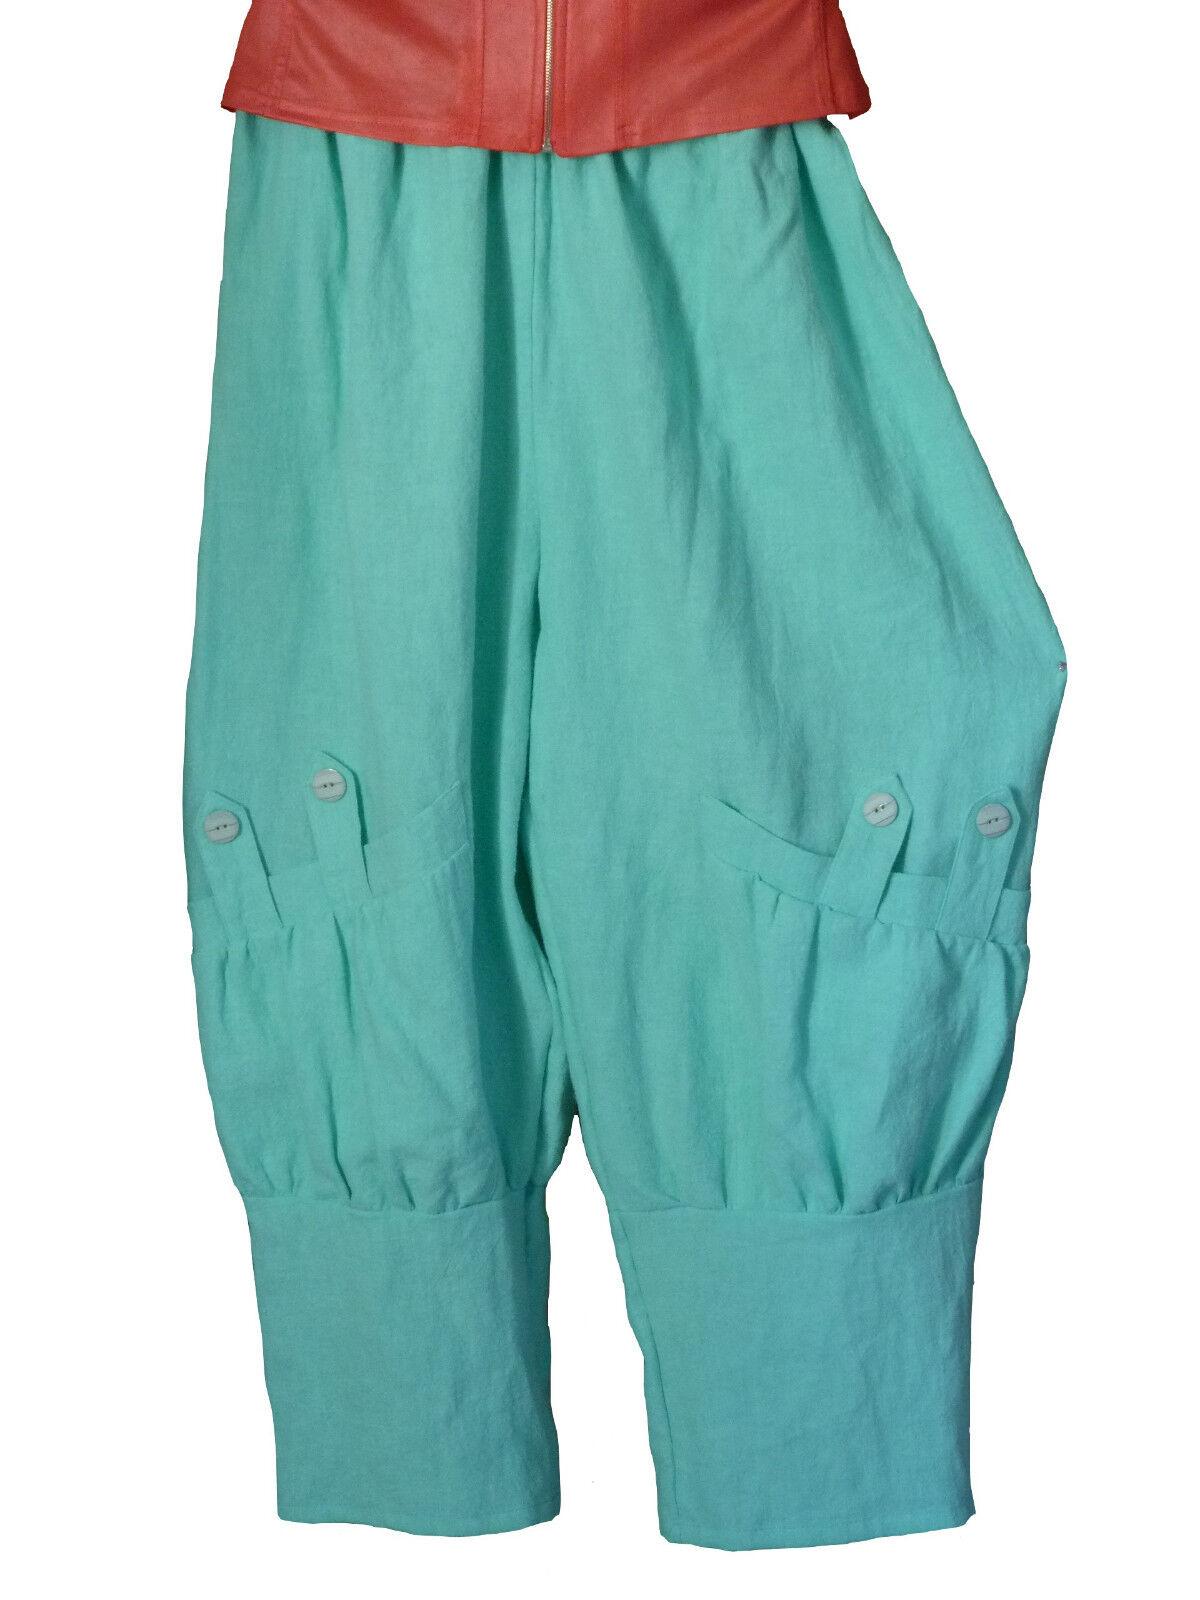 TG. 52 54 54 56 56 58 58-62 PANTALONI LINO pantaloni slittamento Pantaloni MINT lontano overDimensione